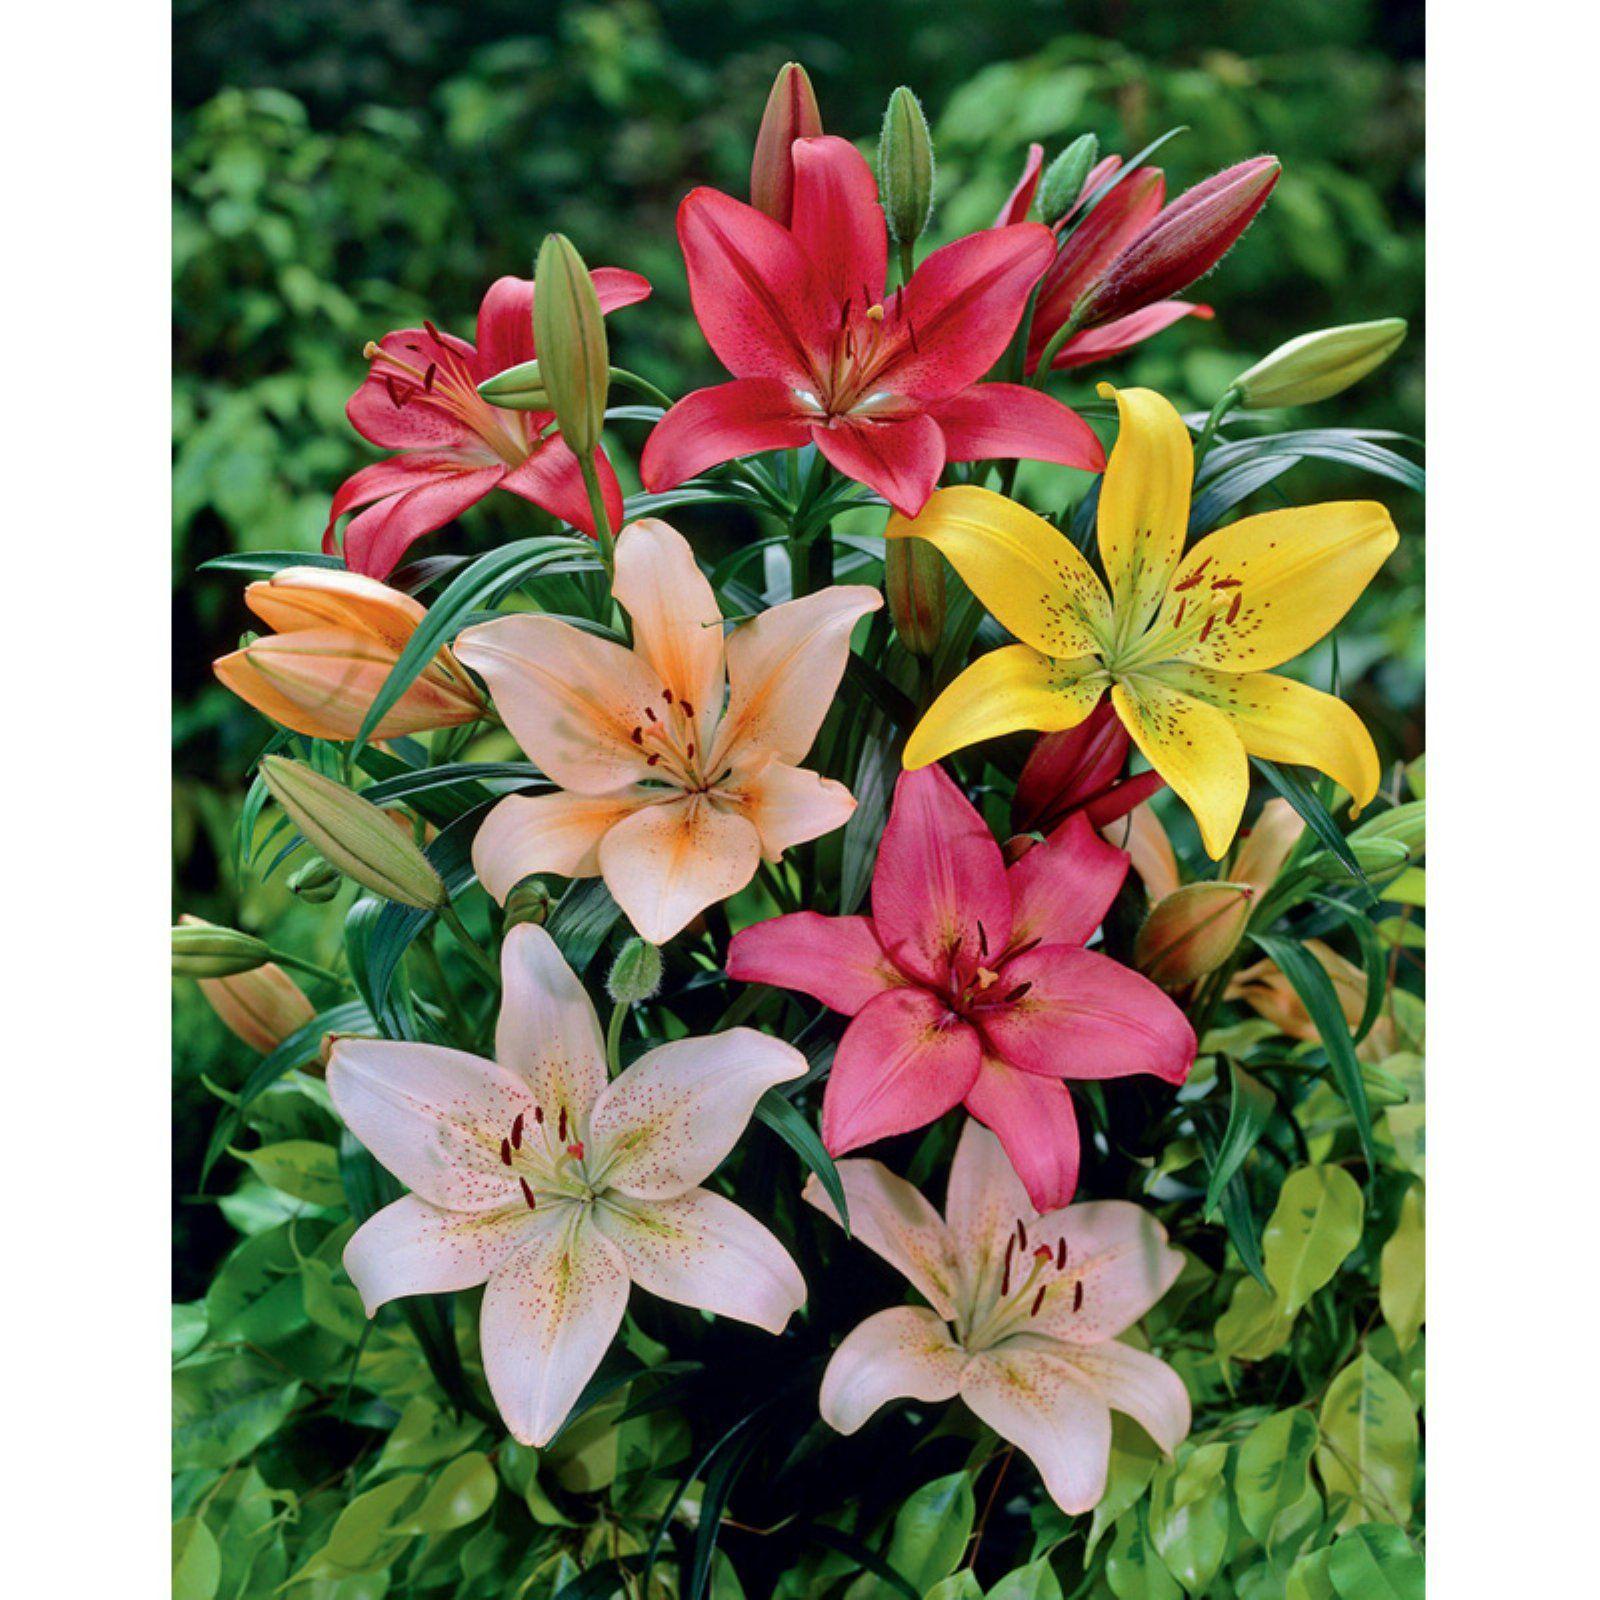 Van Zyverden Lilies Dutch Asiatic Mixture Bulbs Set Of 7 Bulb